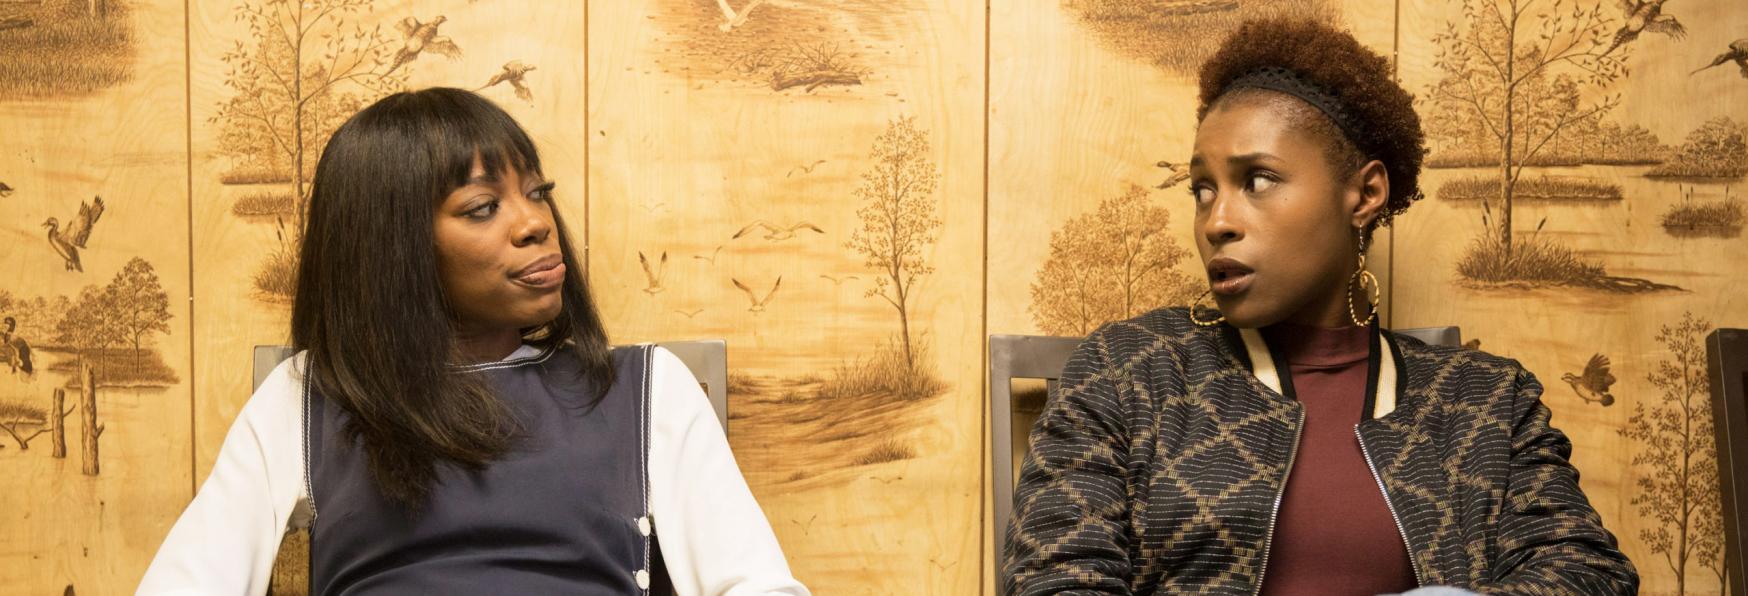 Insecure: la 5° Stagione della Serie TV targata HBO sarà l'ultima